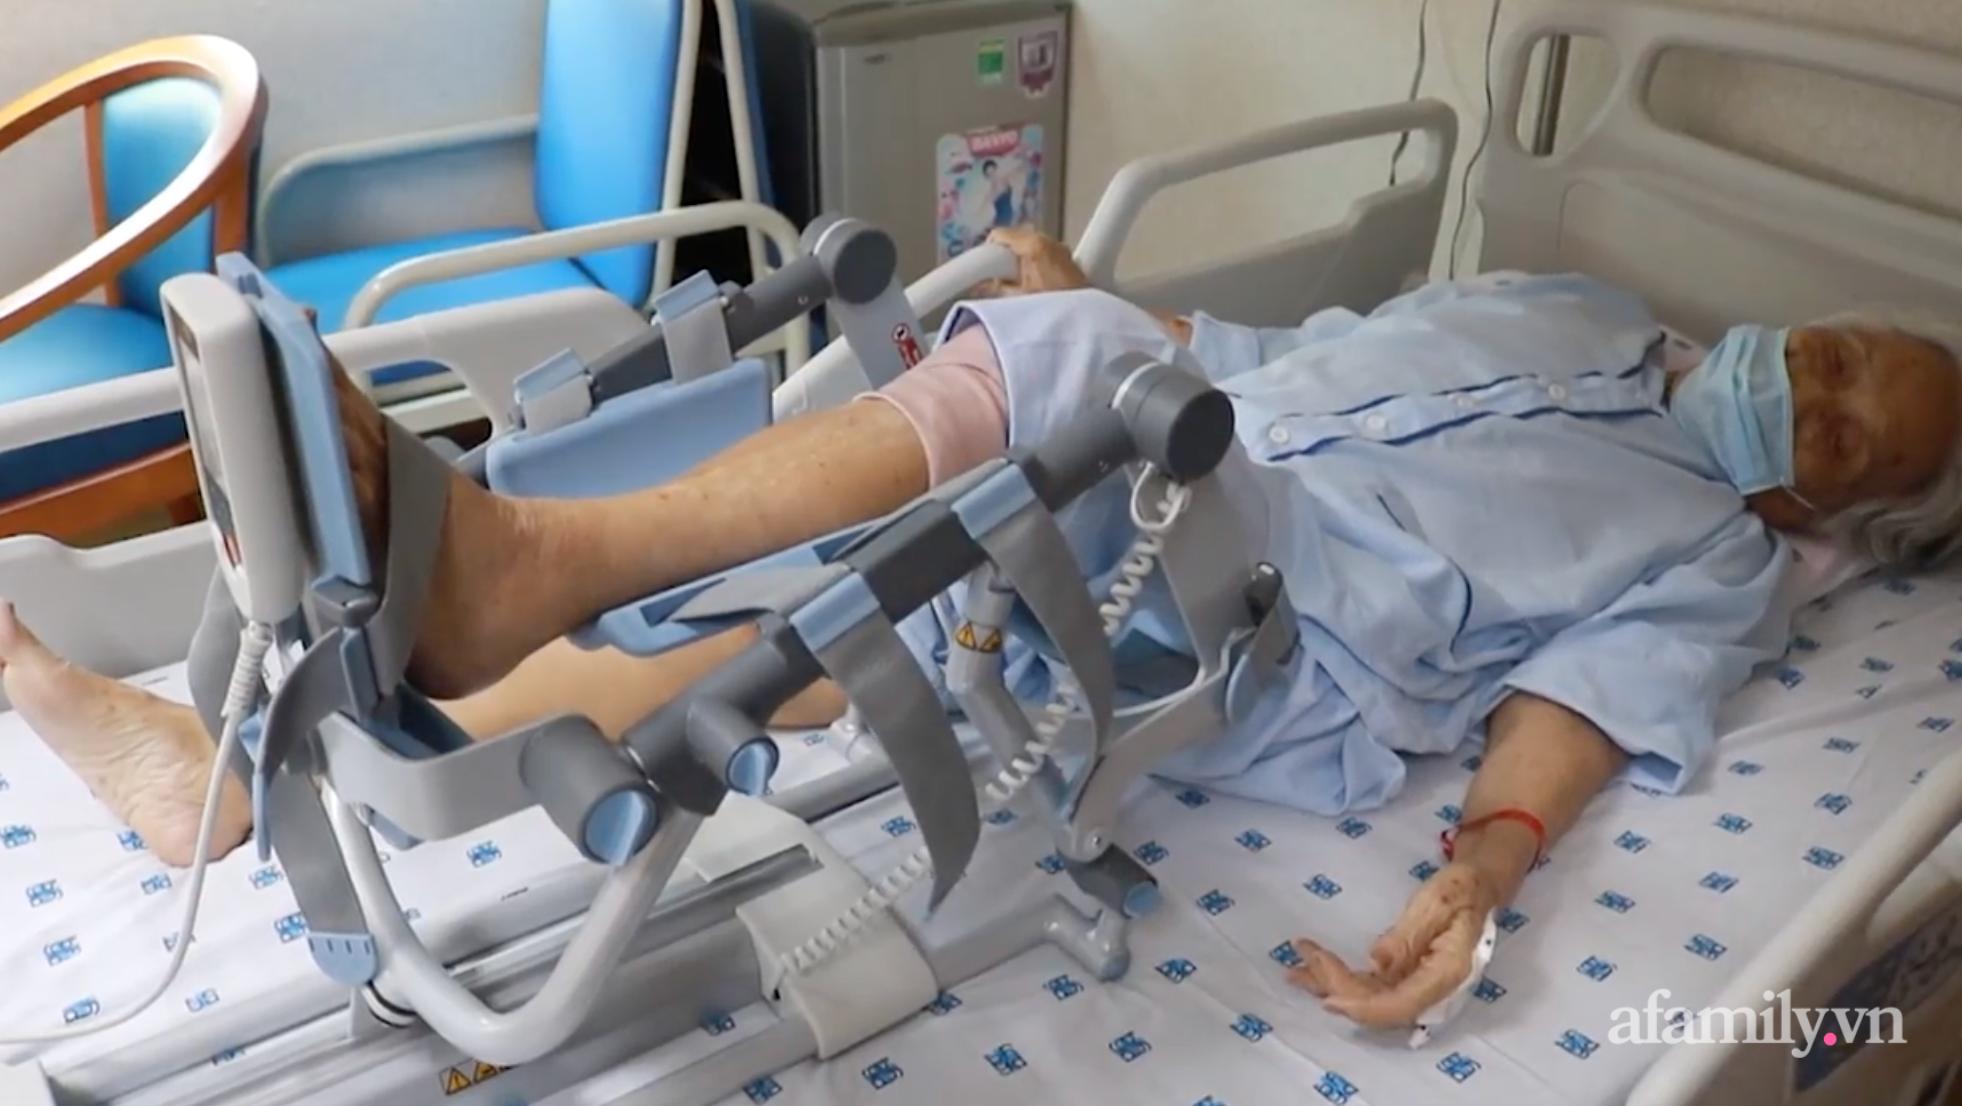 Hiếm gặp: Bác sĩ Sài Gòn lấy sỏi mặt, thay khớp háng cứu sống cụ bà 105 tuổi bất động sau khi ngã xuống sàn - Ảnh 4.